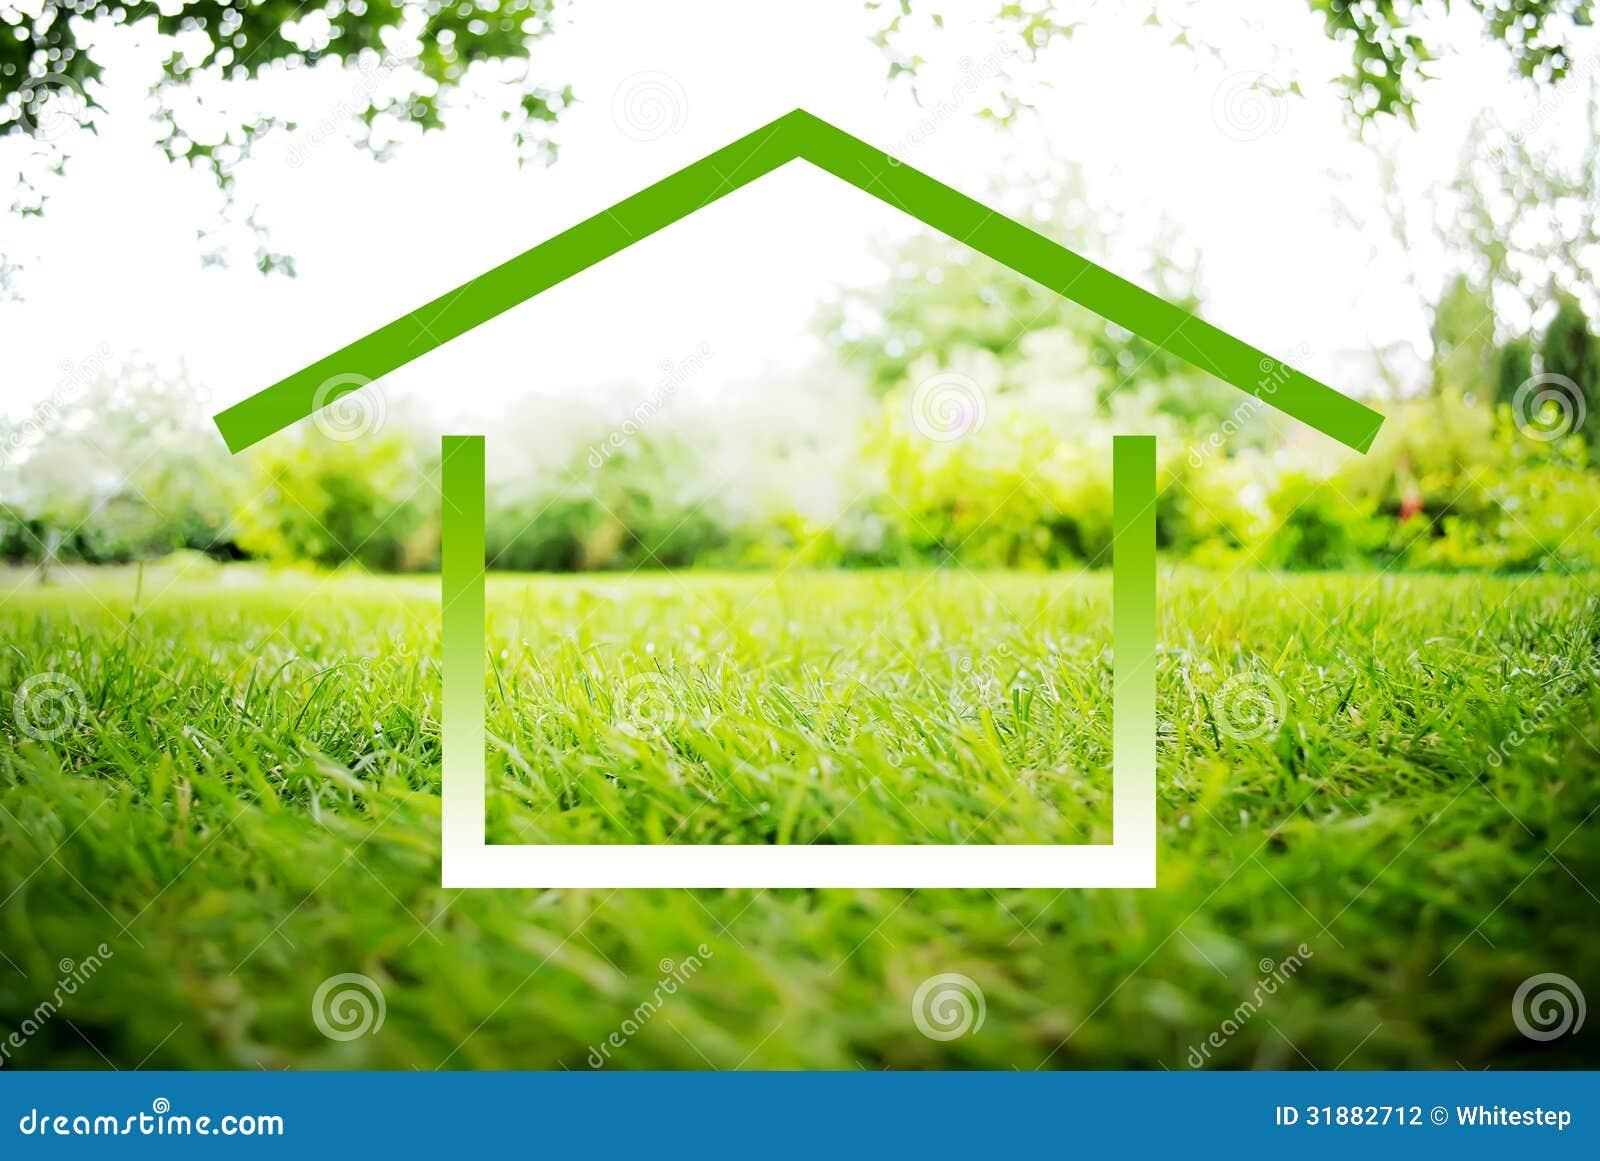 Symbole de chambre sur un paysage vert photographie stock for Paysage vert